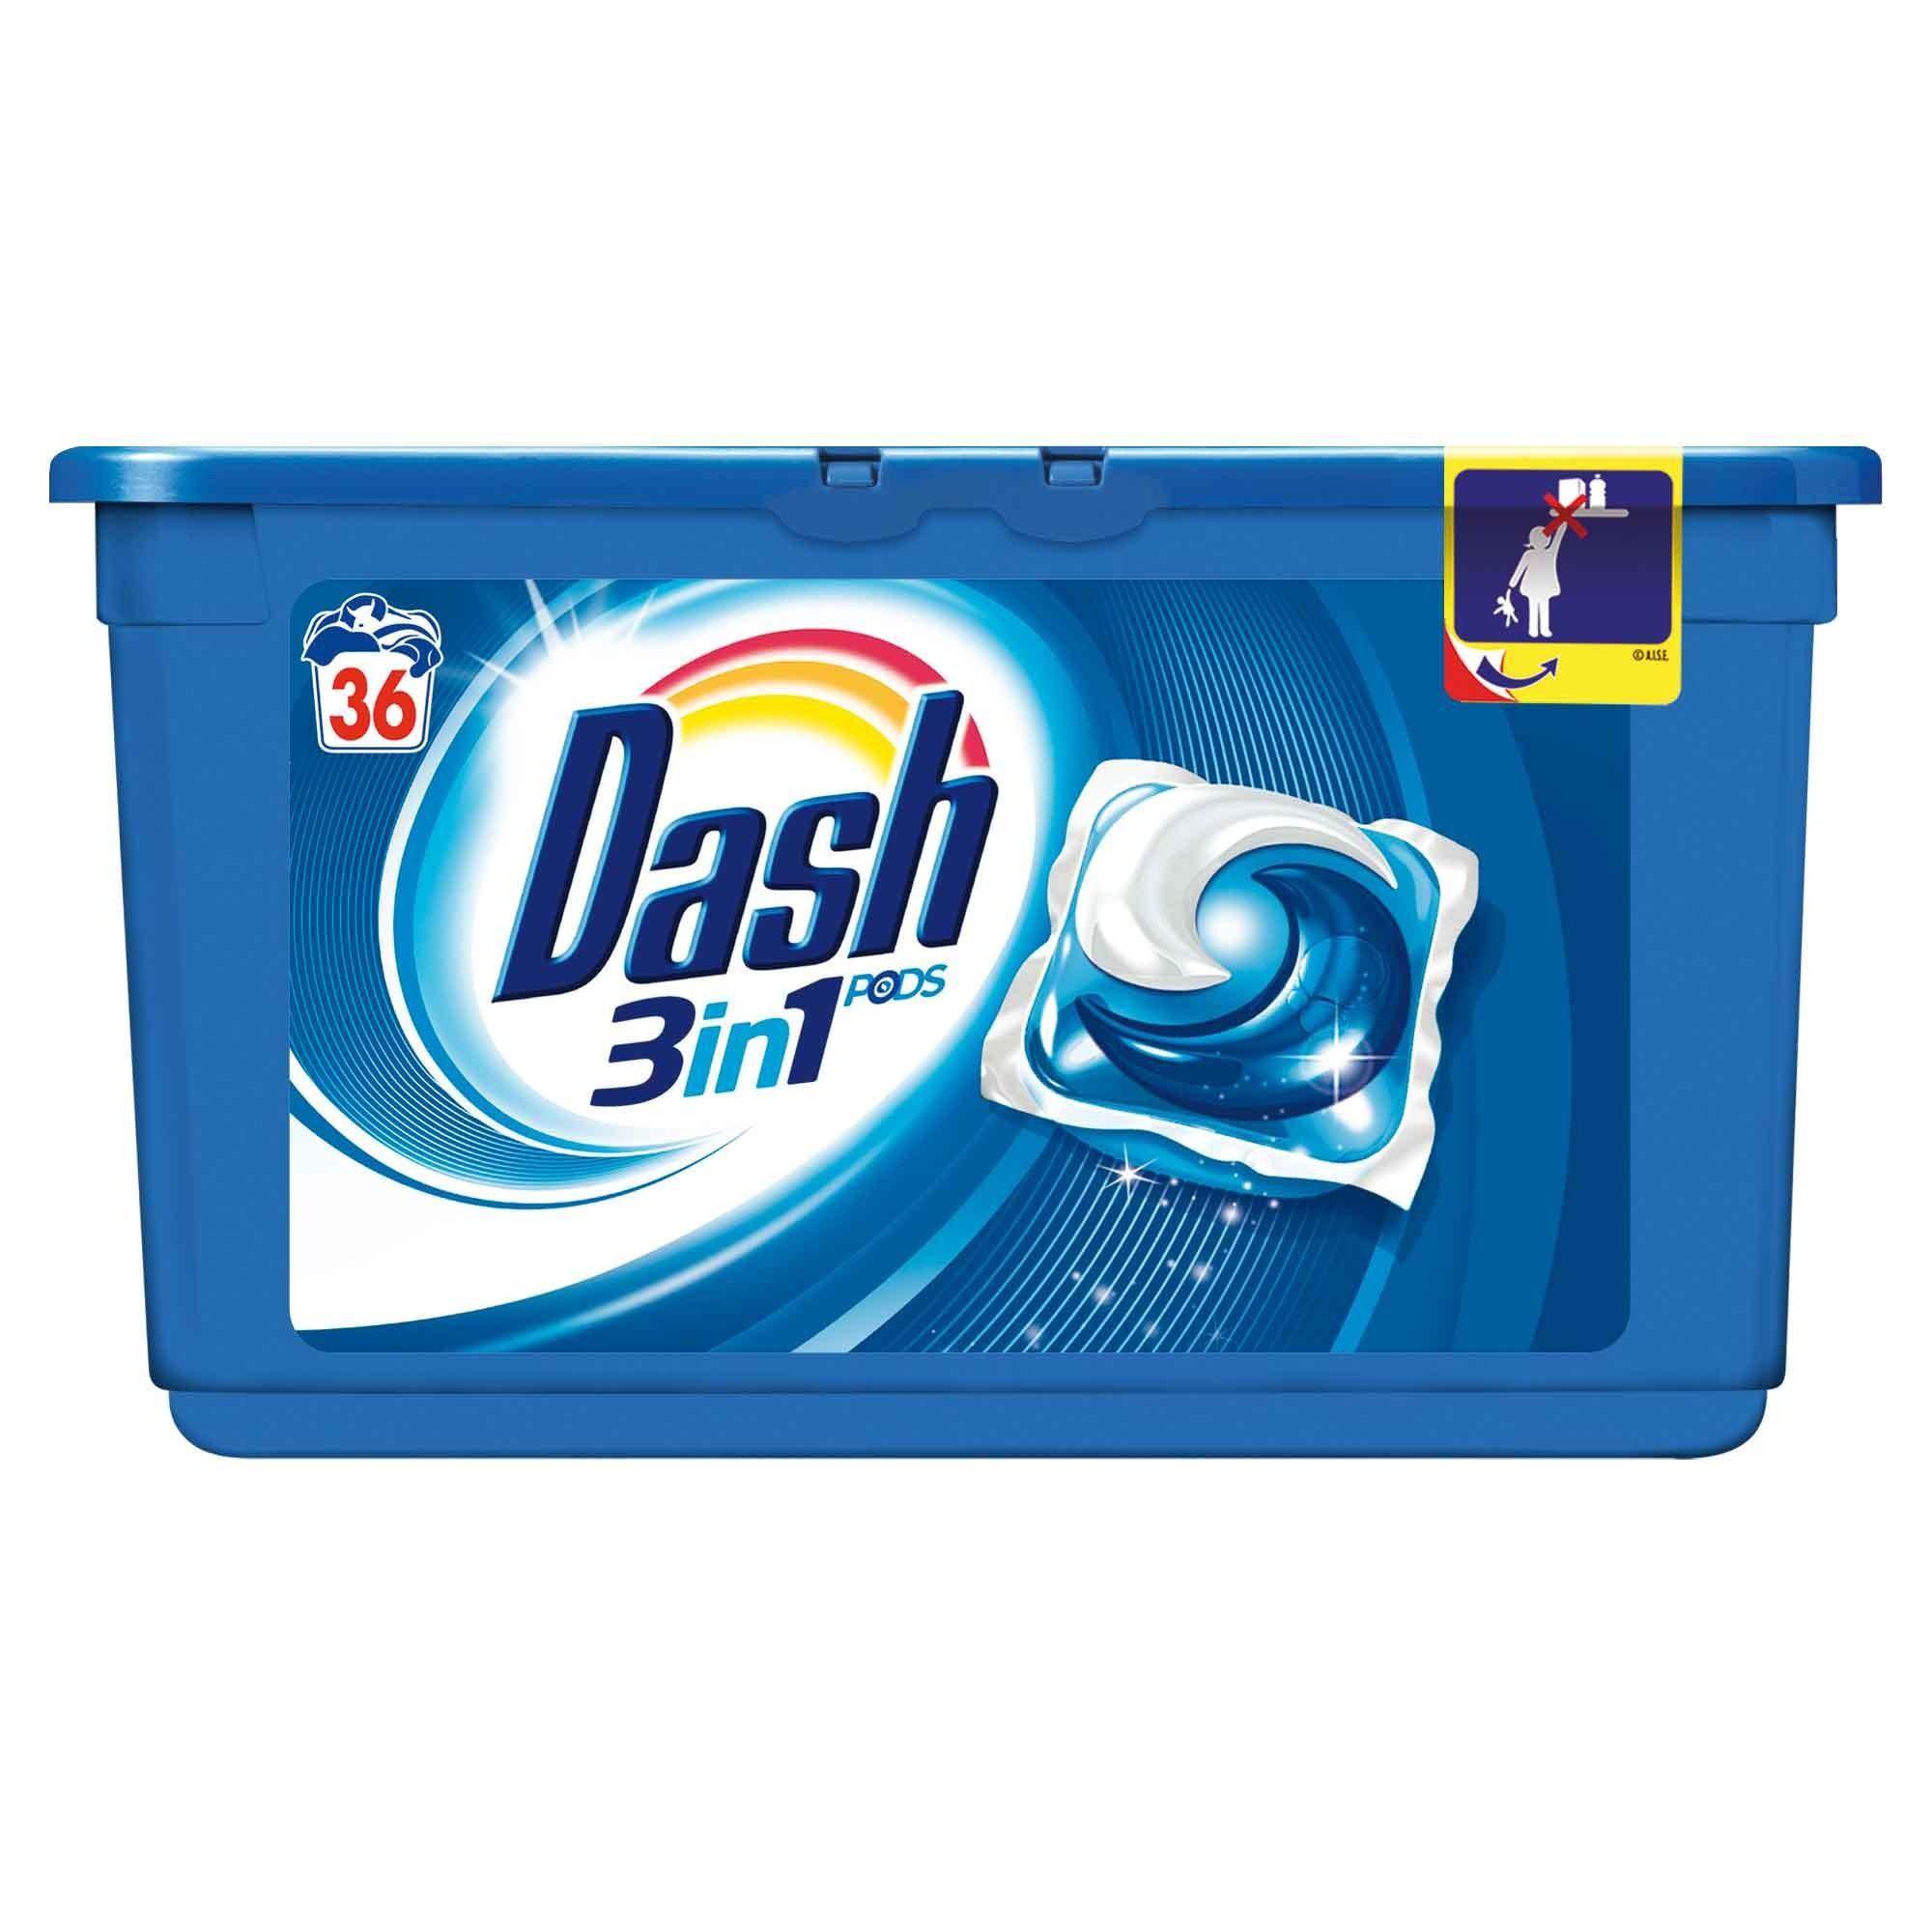 Dash vloeibaar wasmiddel Pods 3in1 36st